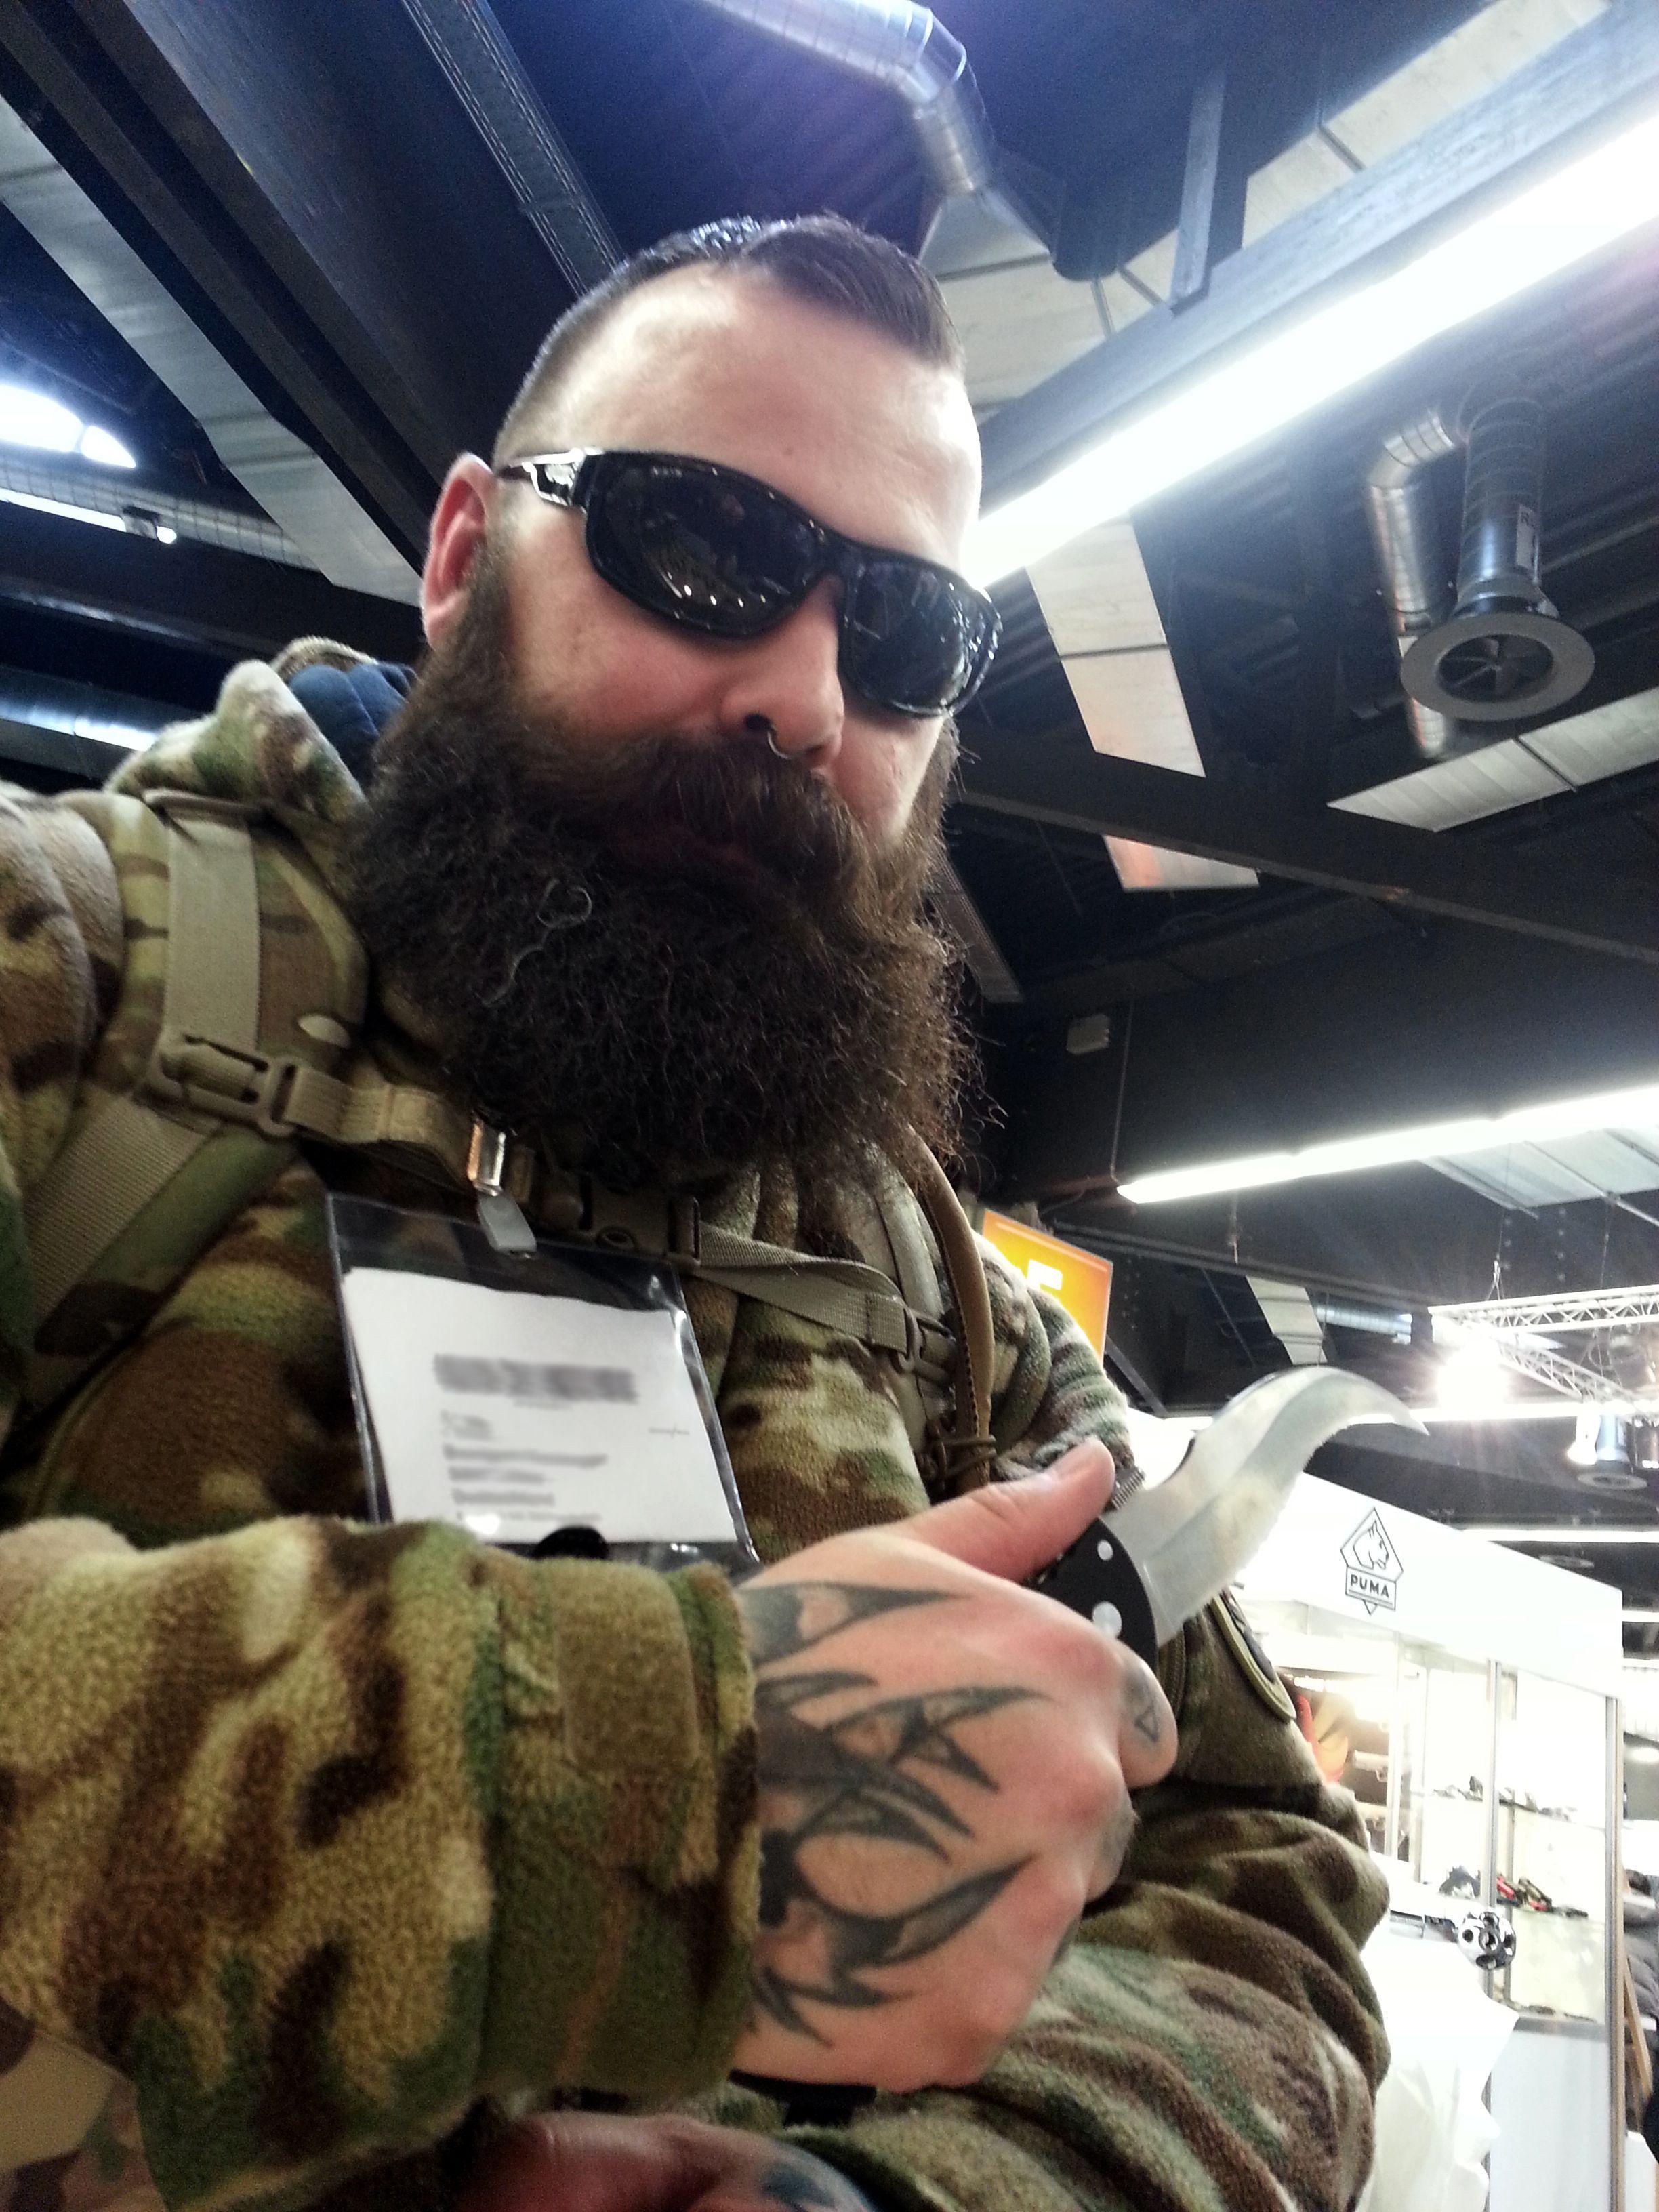 Cold Steel Knife + Cold Steel Battles Shades + Beard = #WINNING!  www.coldsteel.com  #coldsteel #iwa #tacticool #TacticalBeard